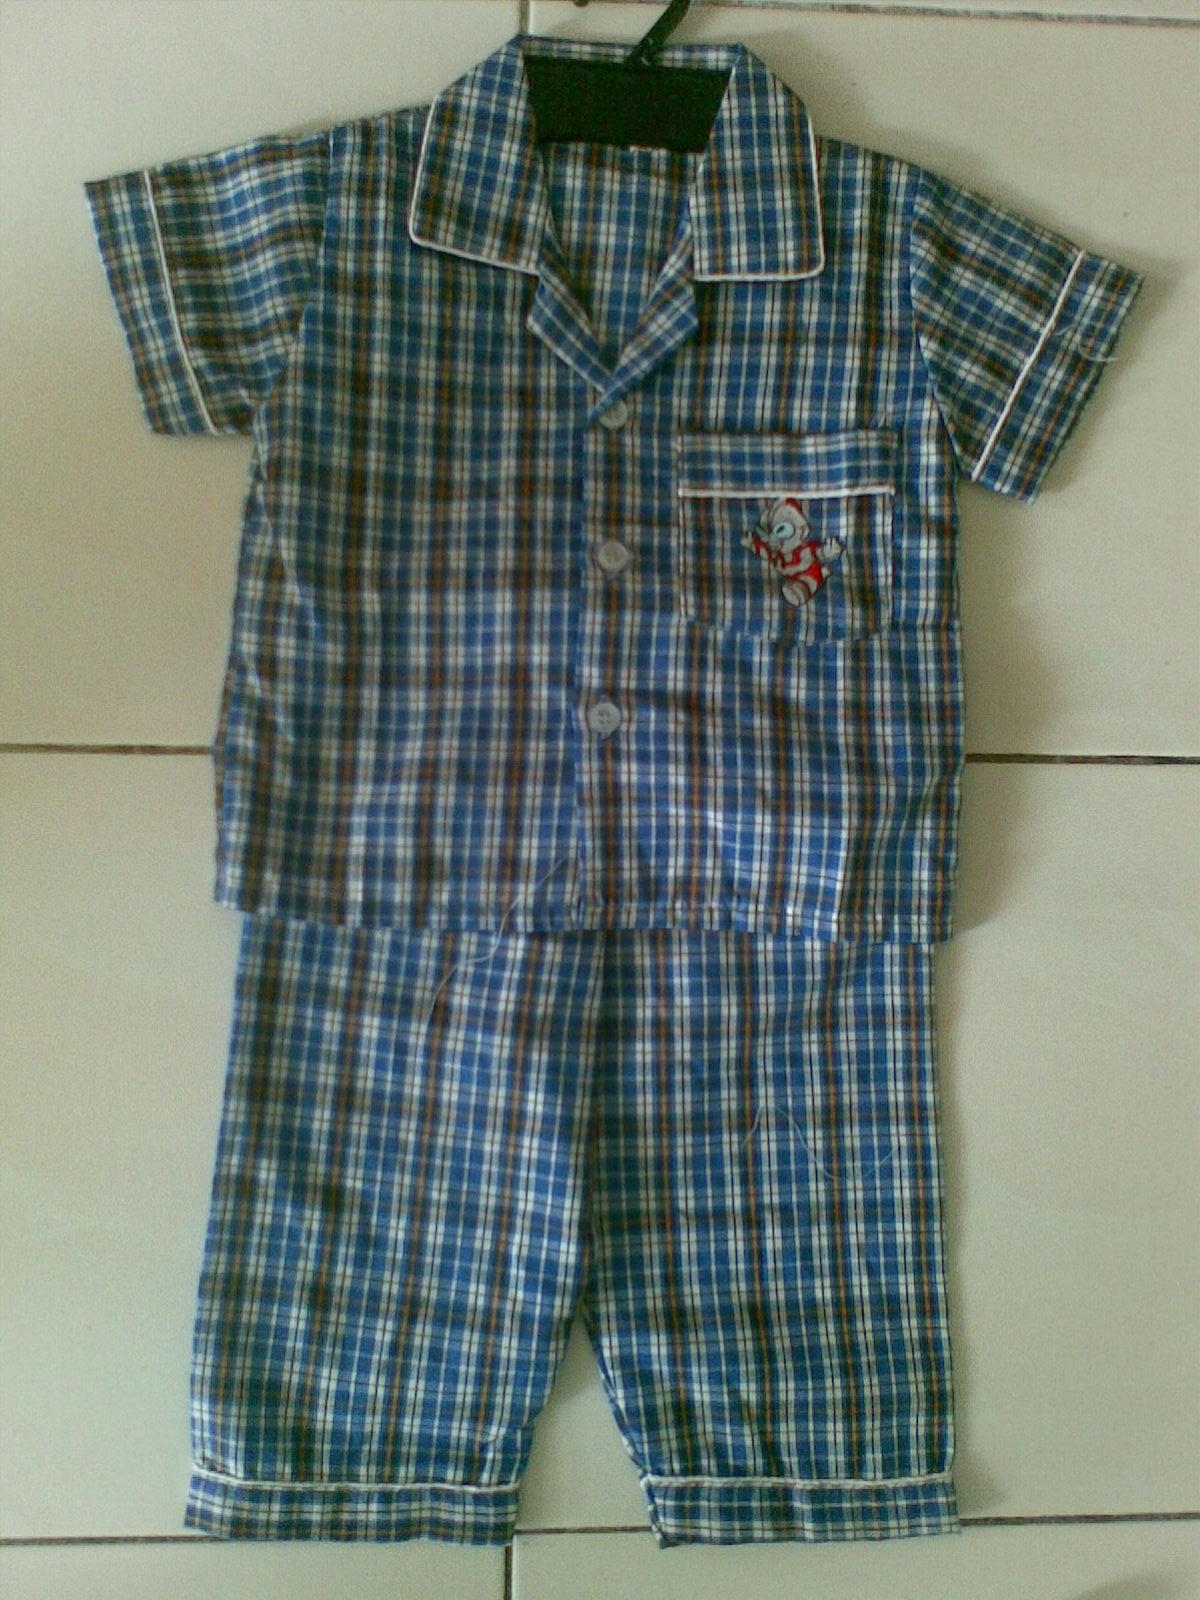 Pusat Borong Baju Tidur Kanak Kanak Baju Tidur Kanak Kanak Gambar Ultraman